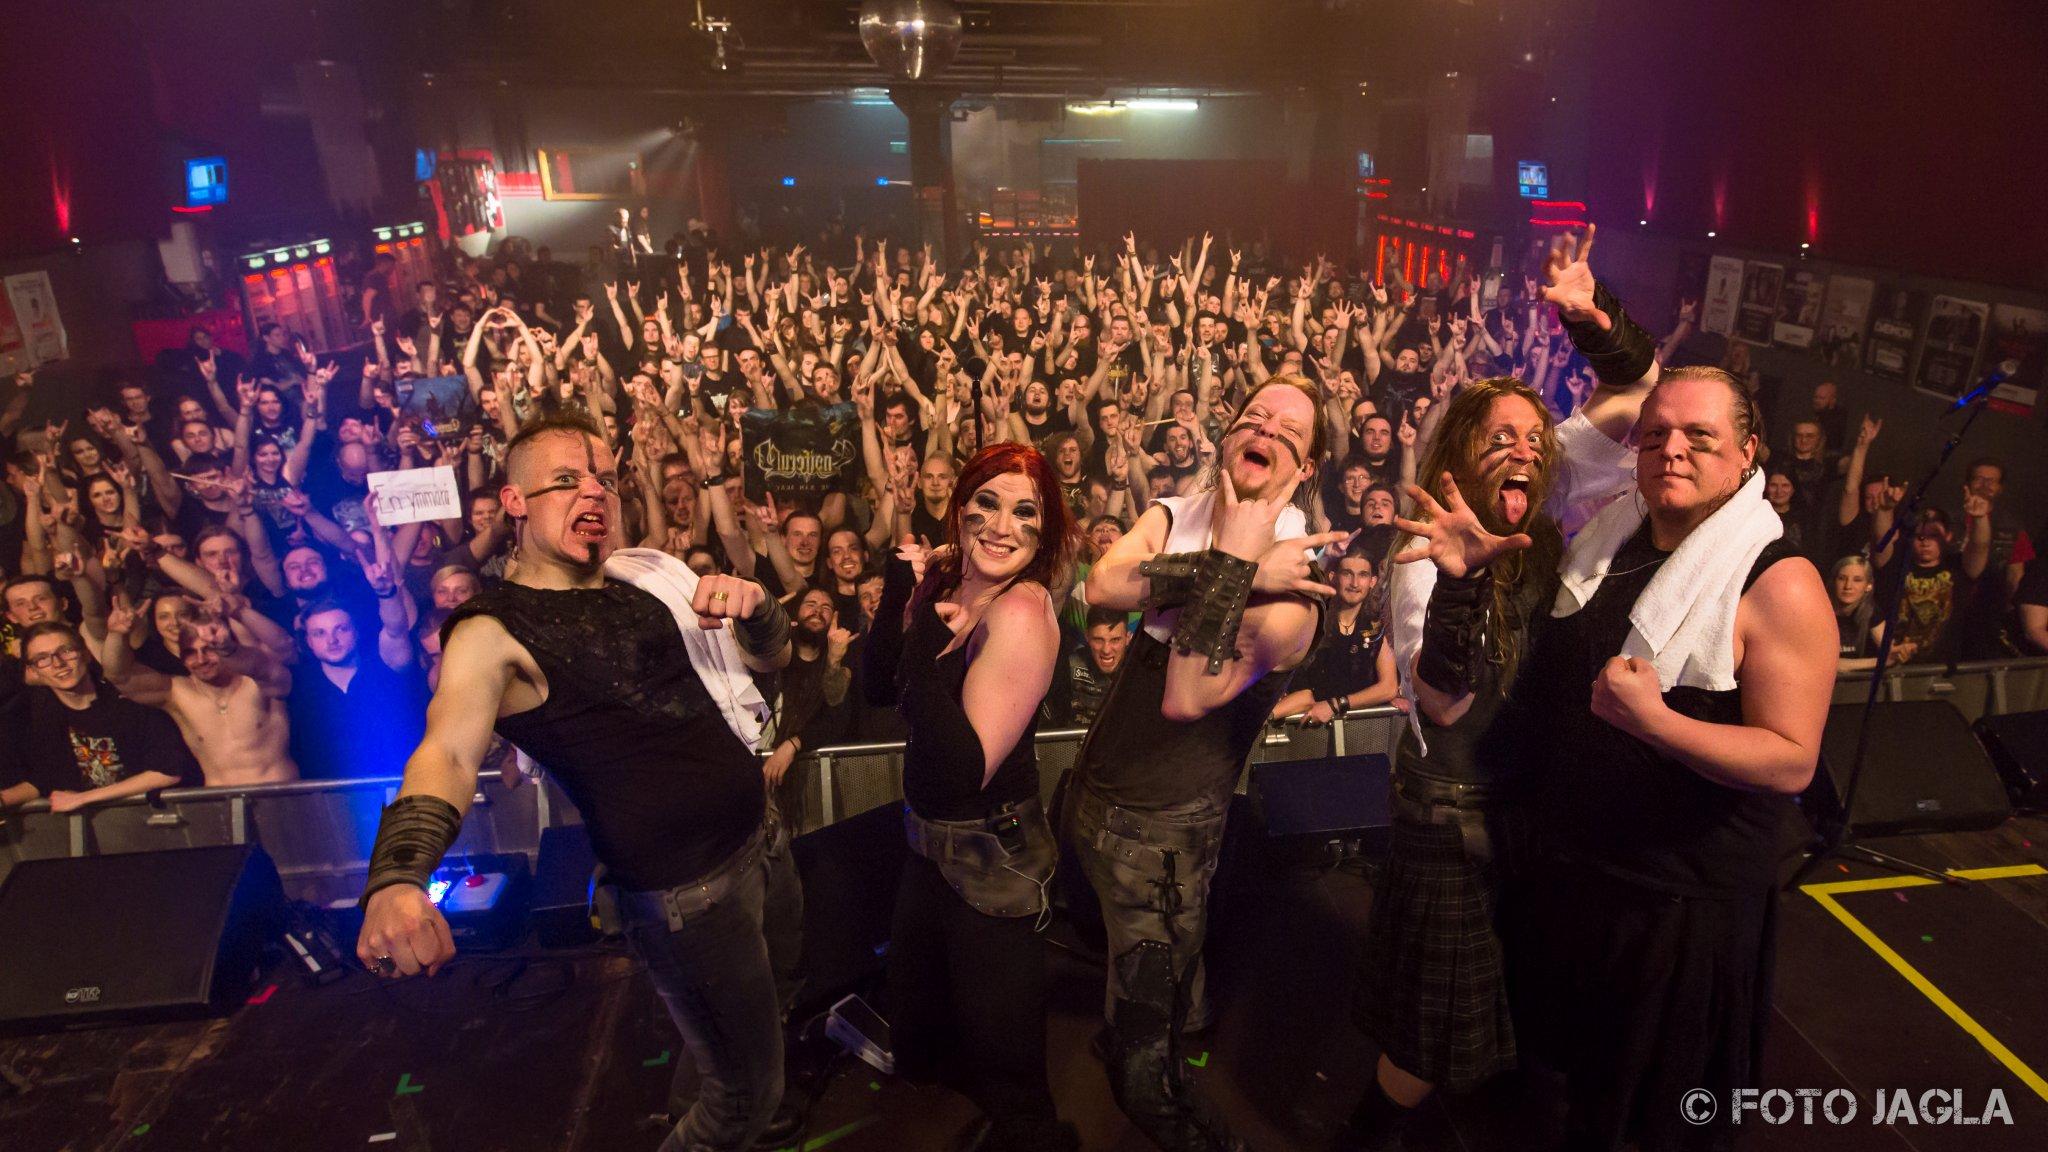 Abschlussfoto von Ensiferum auf der »The Return Of The One Man Army« Tour am 20.04.2016 in der Live Music Hall in Köln